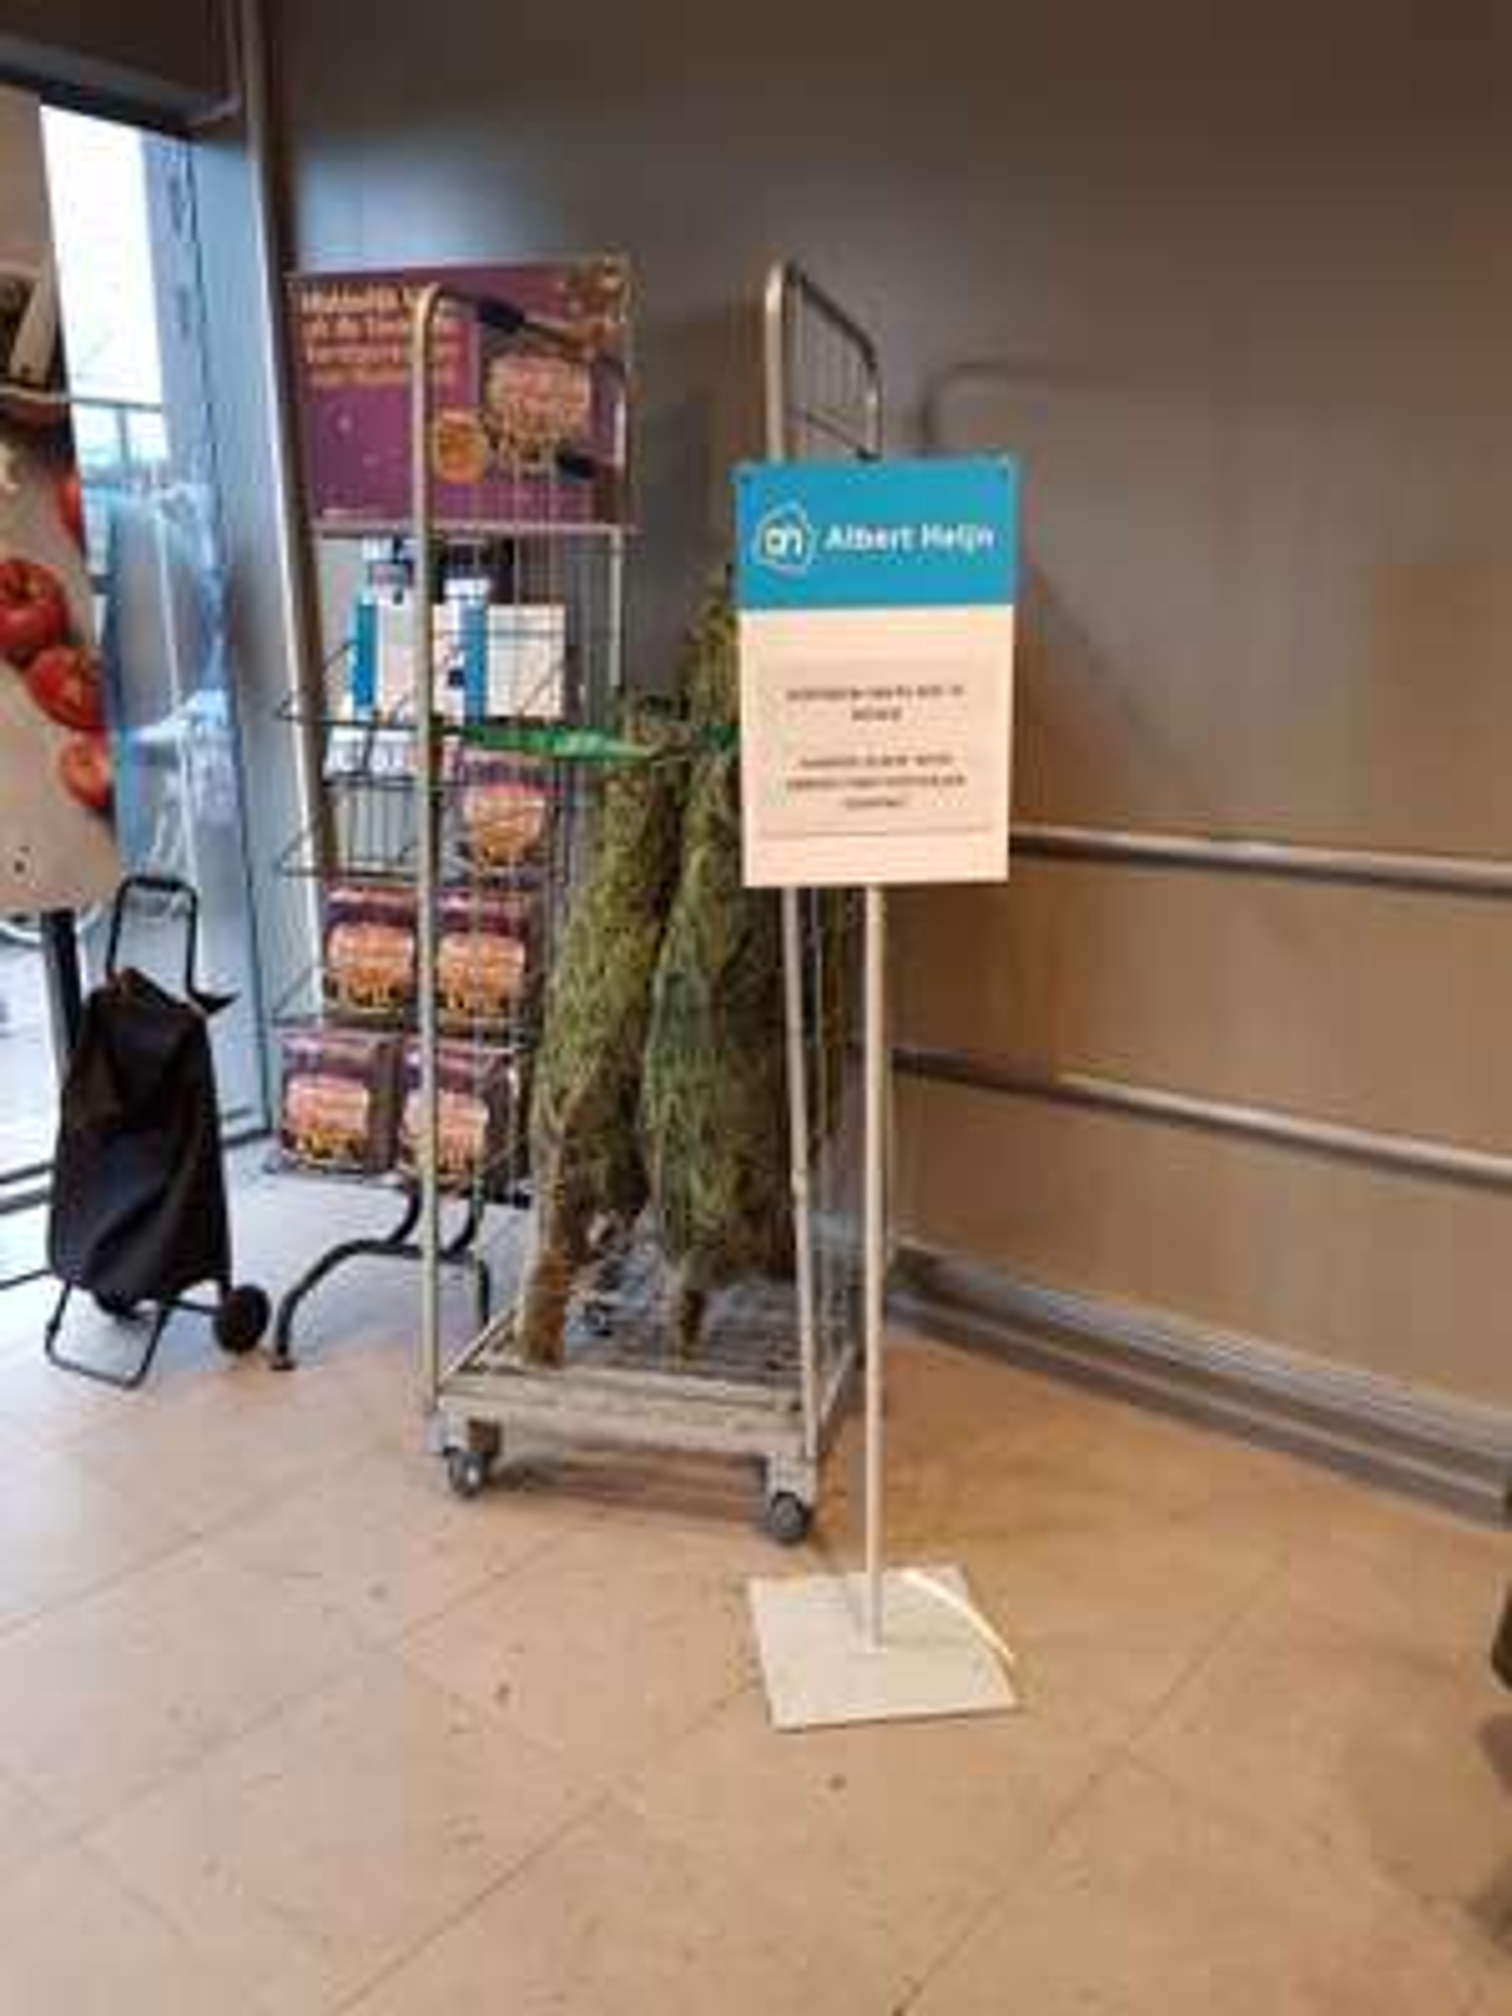 Kerstbomen gratis bij de Albert heijn Emmen